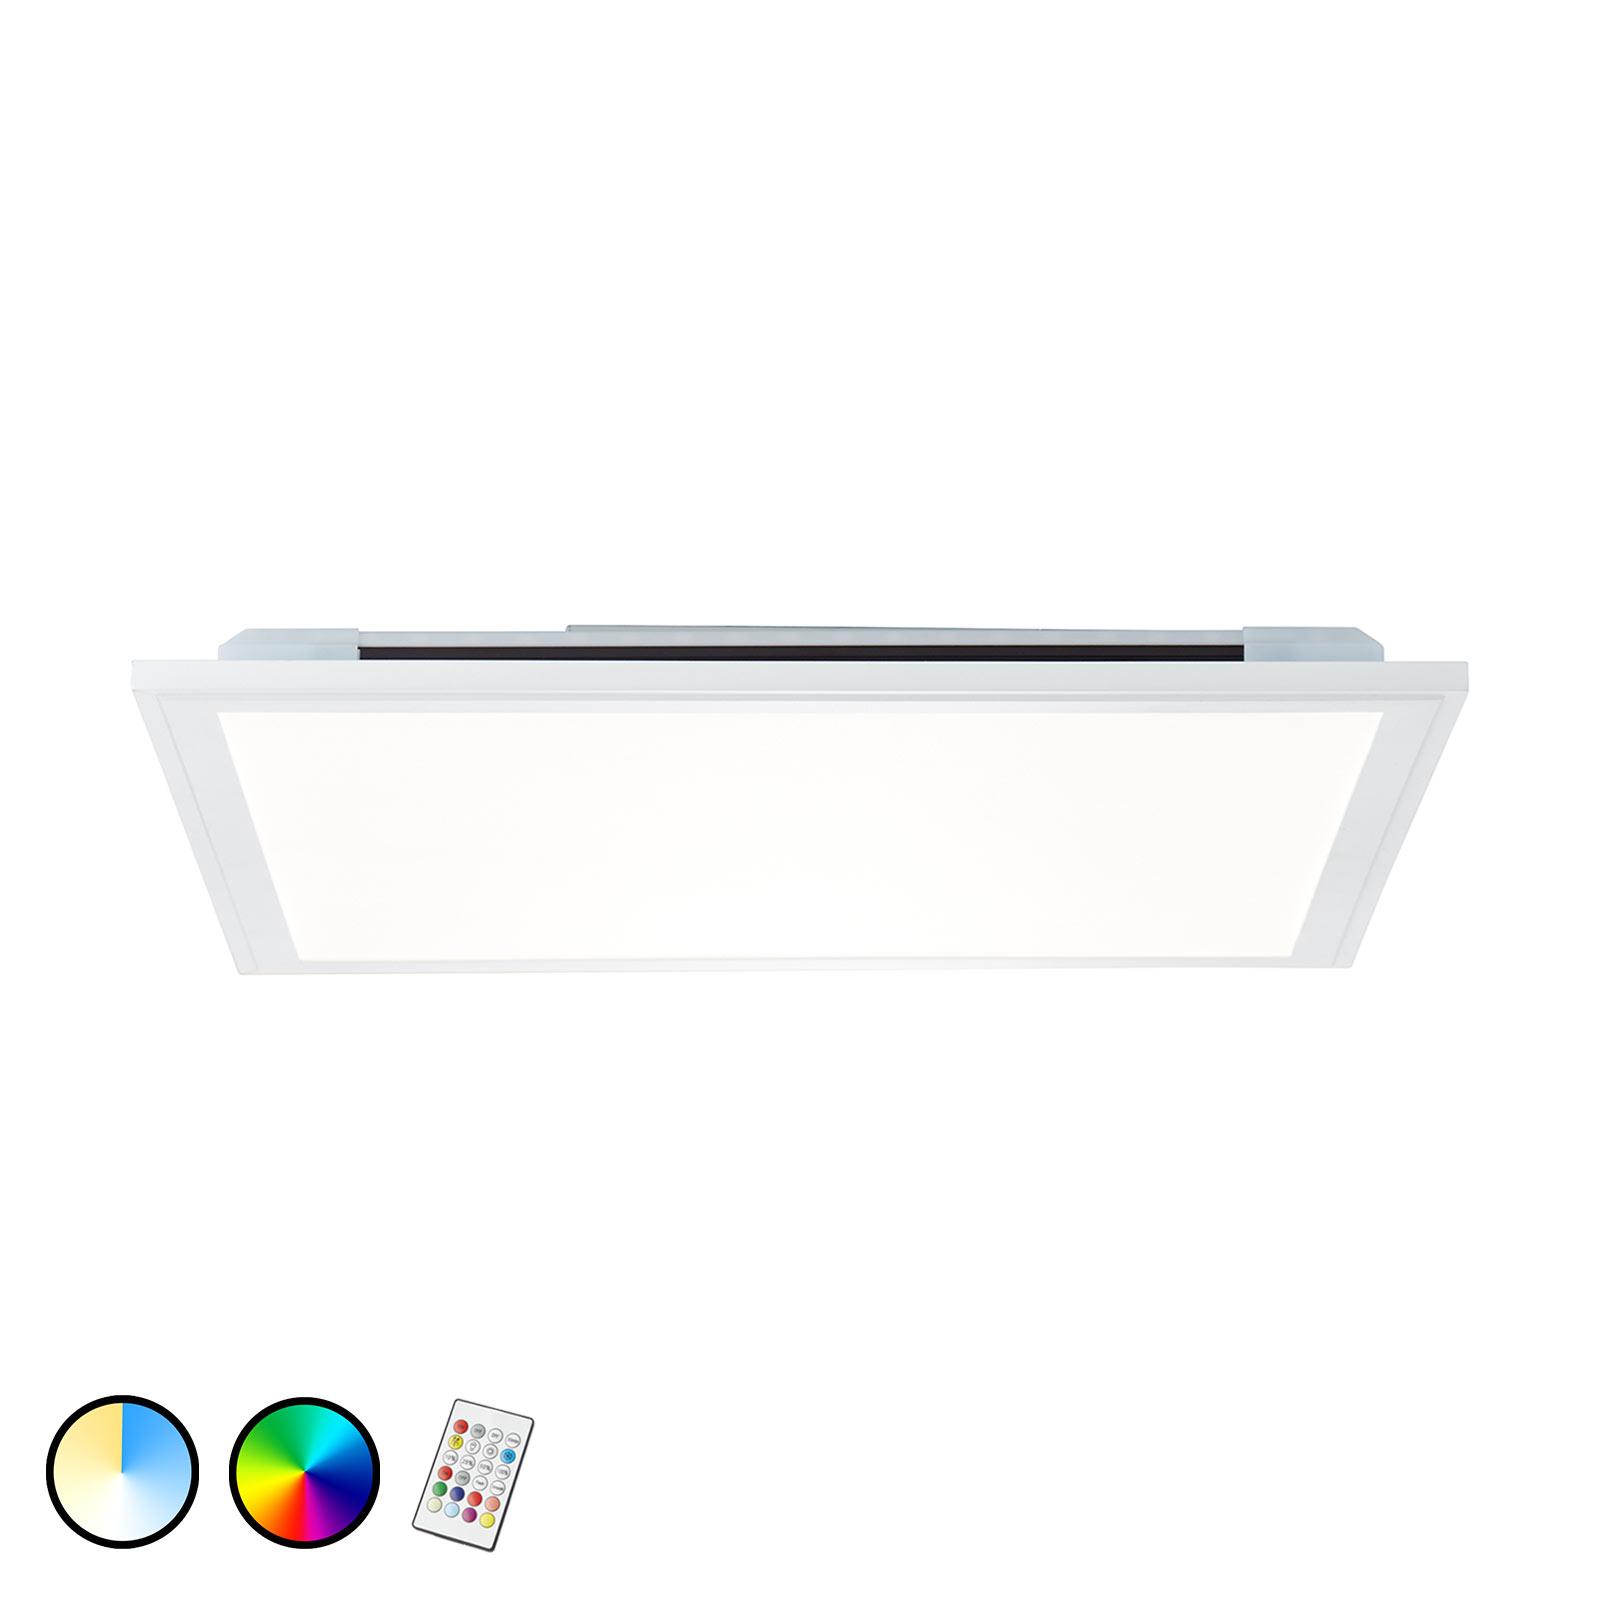 LED-taklampe Allie, 59,5 x 59,5 cm